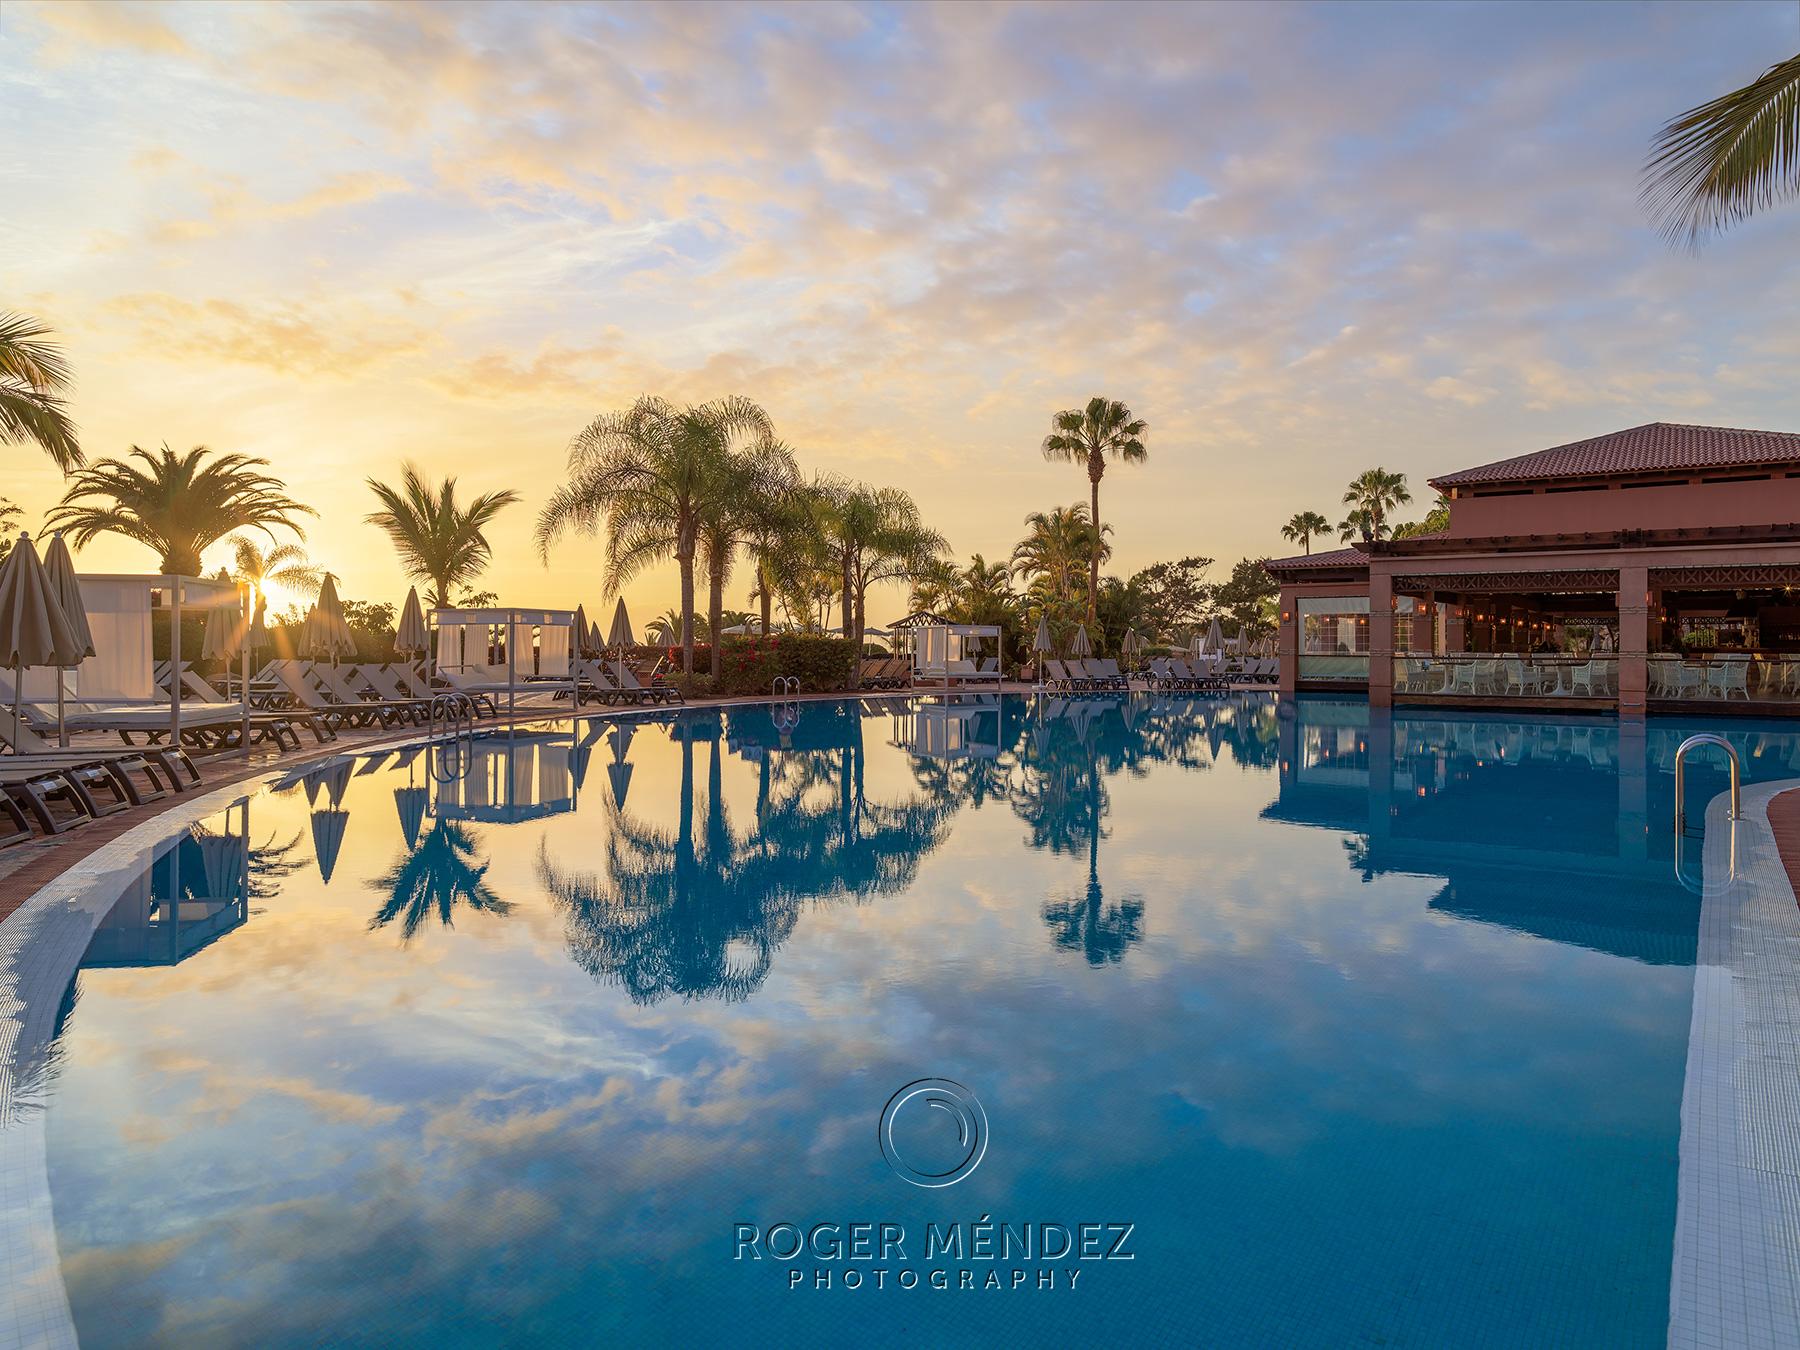 Fotografía de piscina principal al anochecer en el H10 Costa Adeje Palace